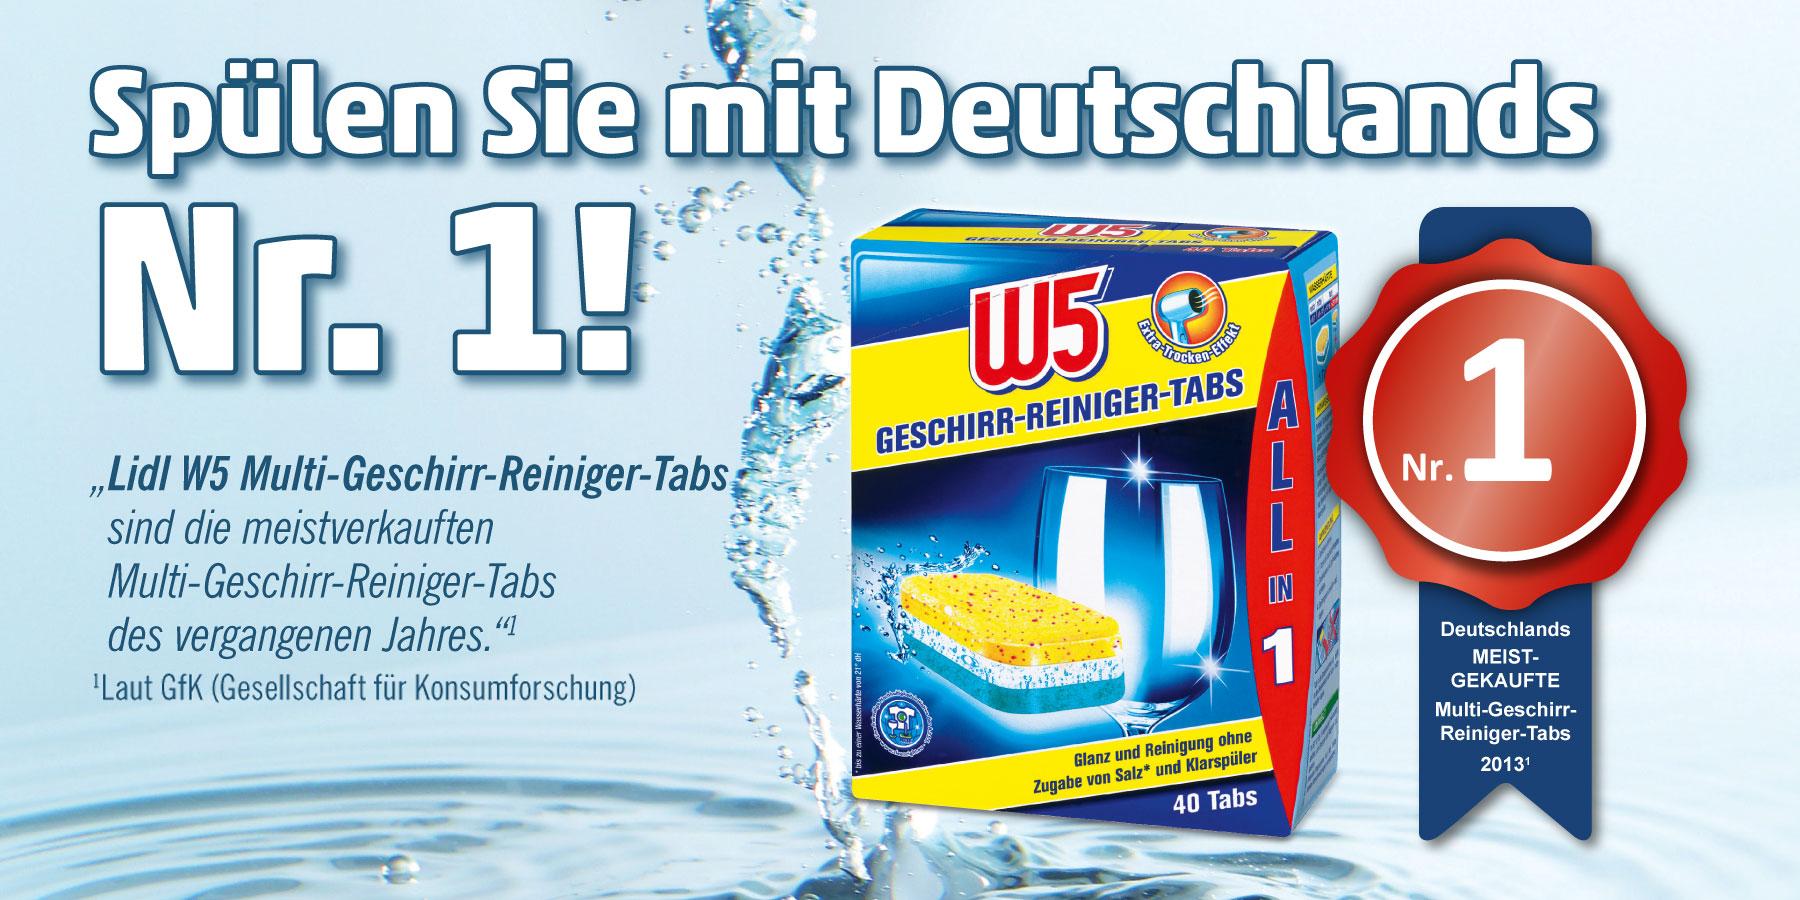 W5 - Lidl Deutschland - lidl.de